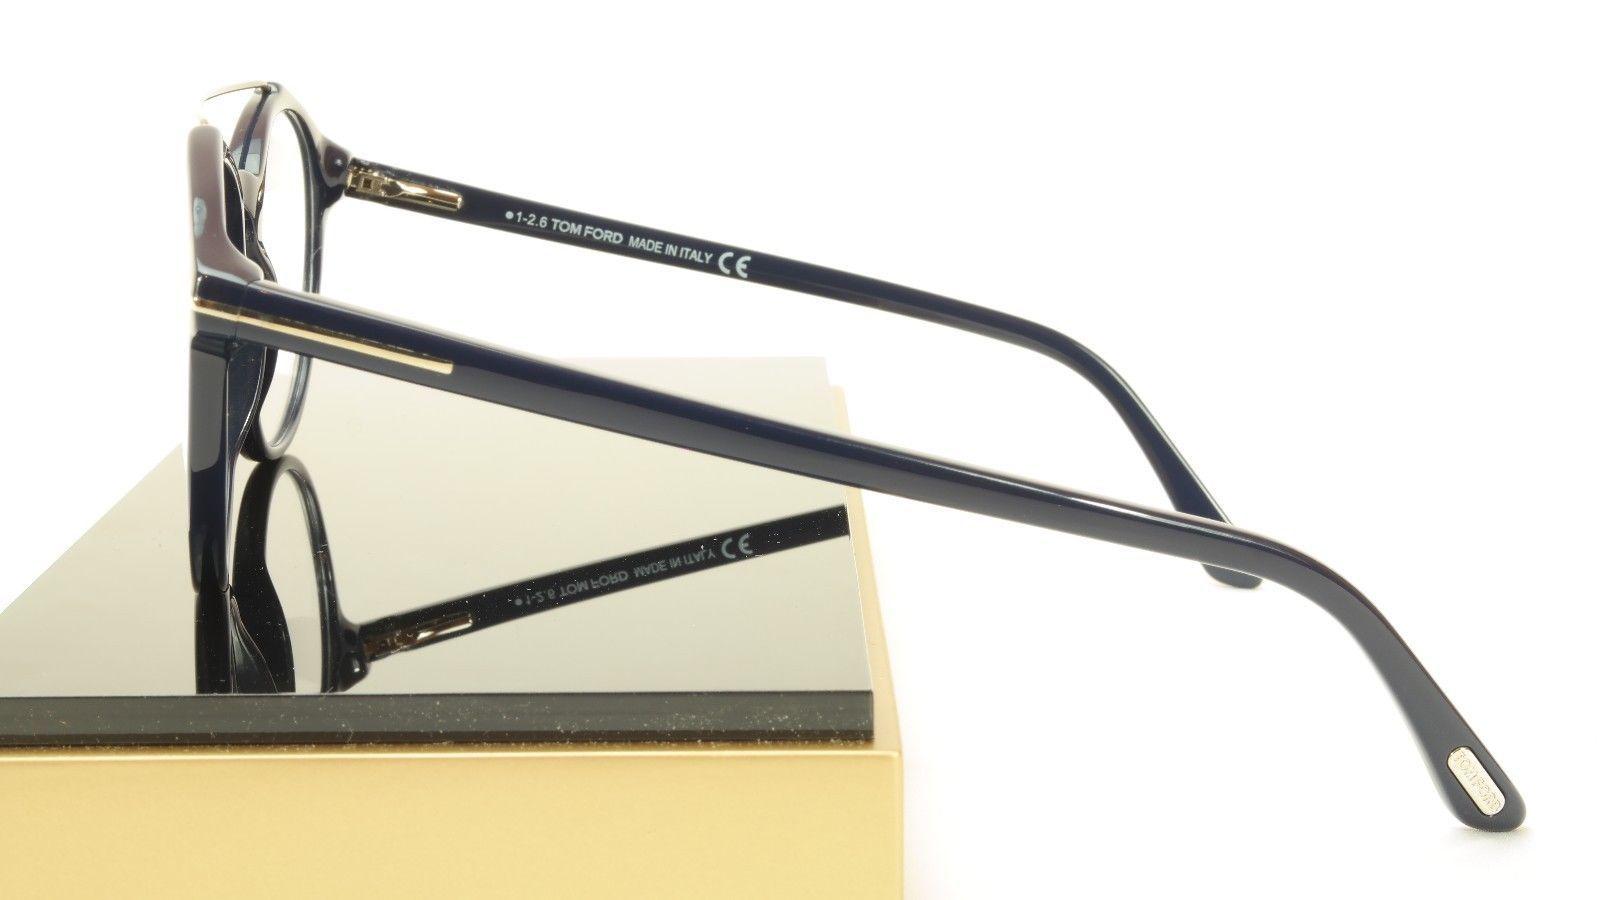 Tom Ford Authentic Eyeglasses Frame TF5455 090 Dark Navy Blue Italy 52-20-145 image 3